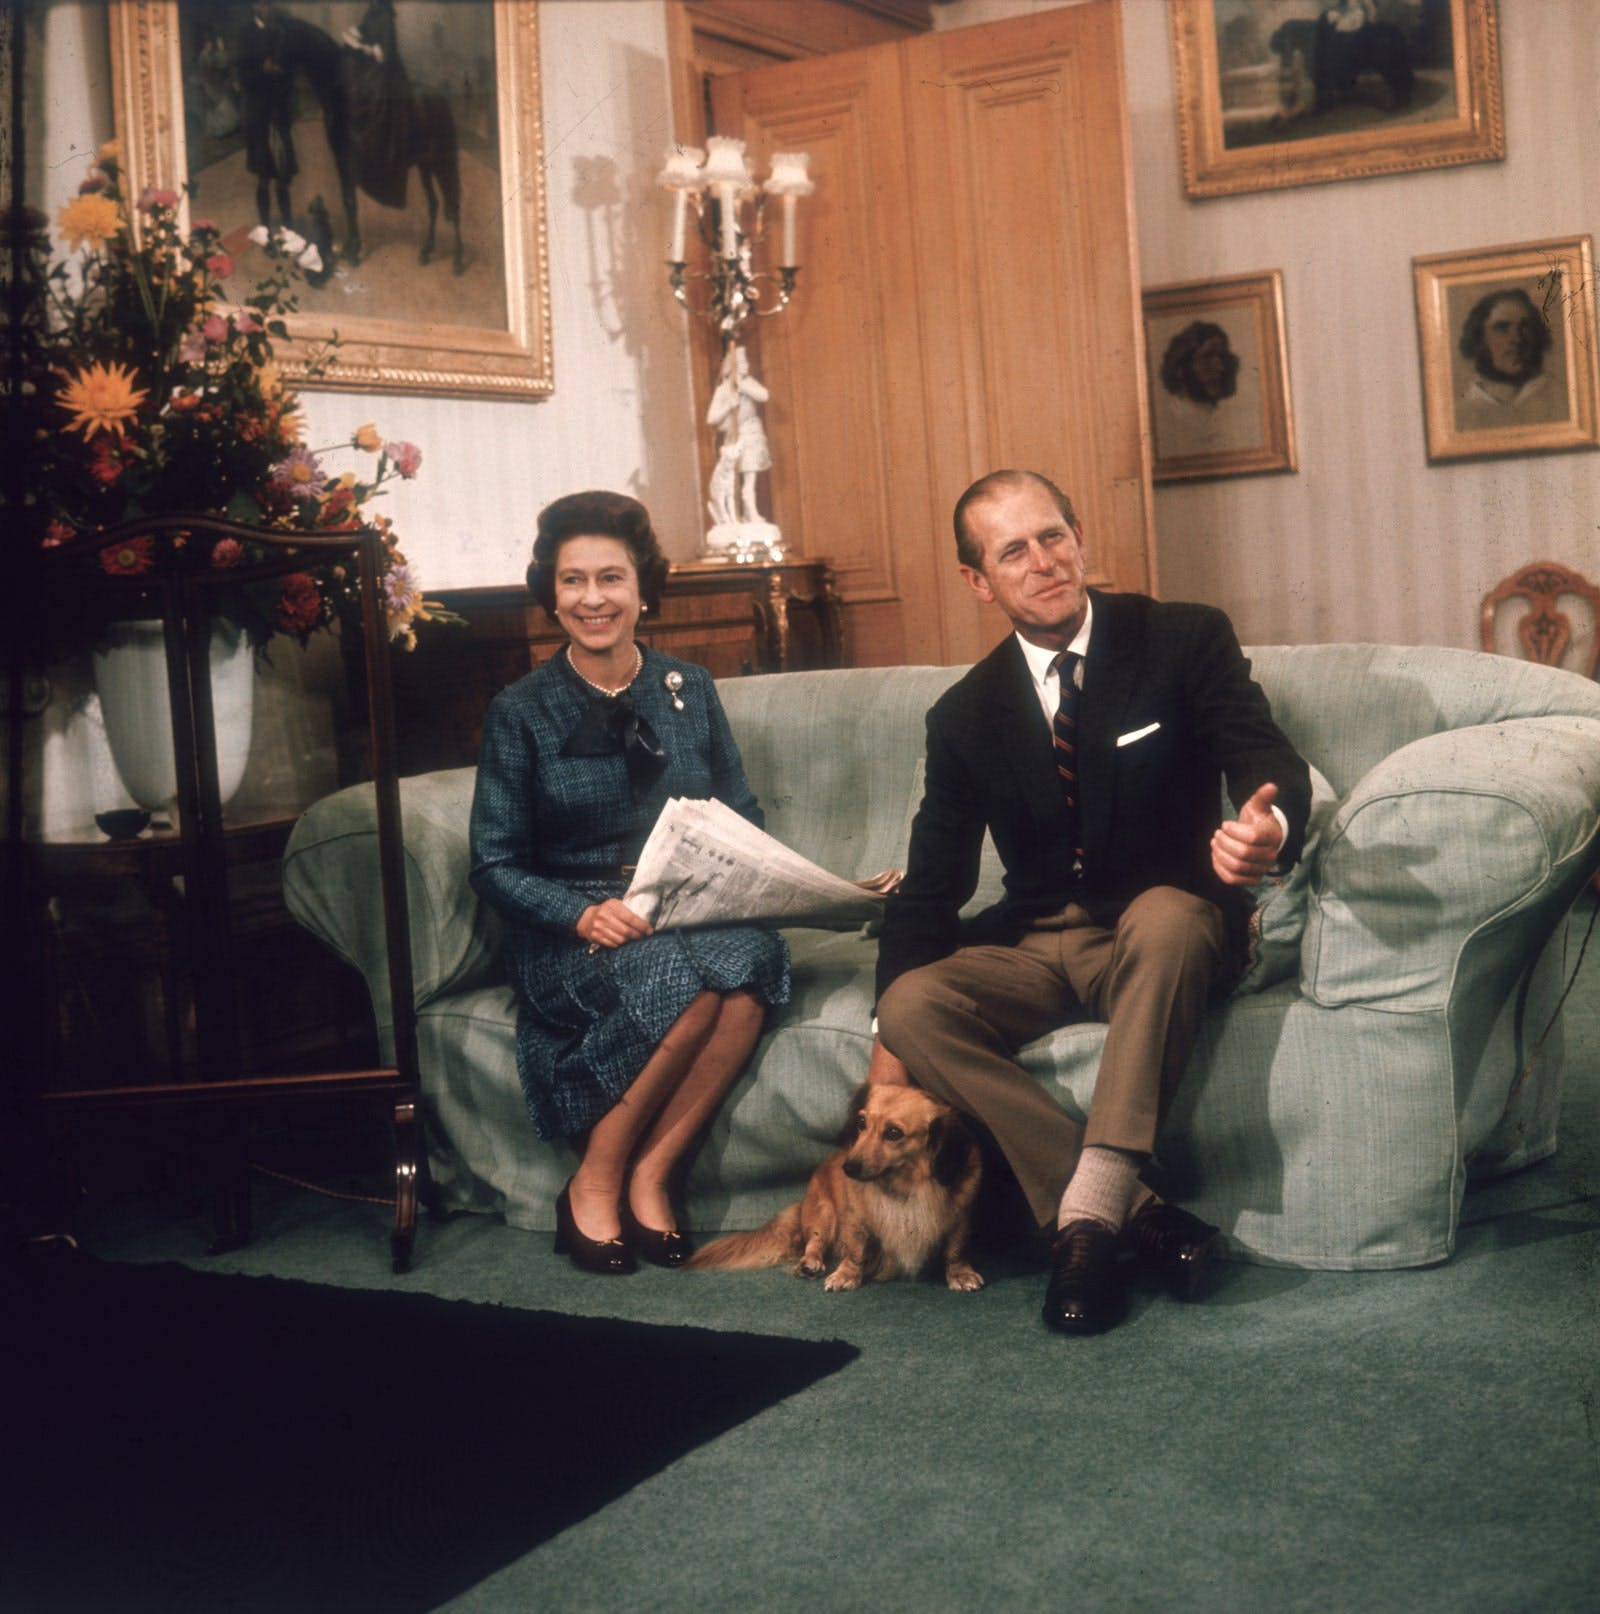 La Regina Elisabetta e il Principe Filippo a Balmoral